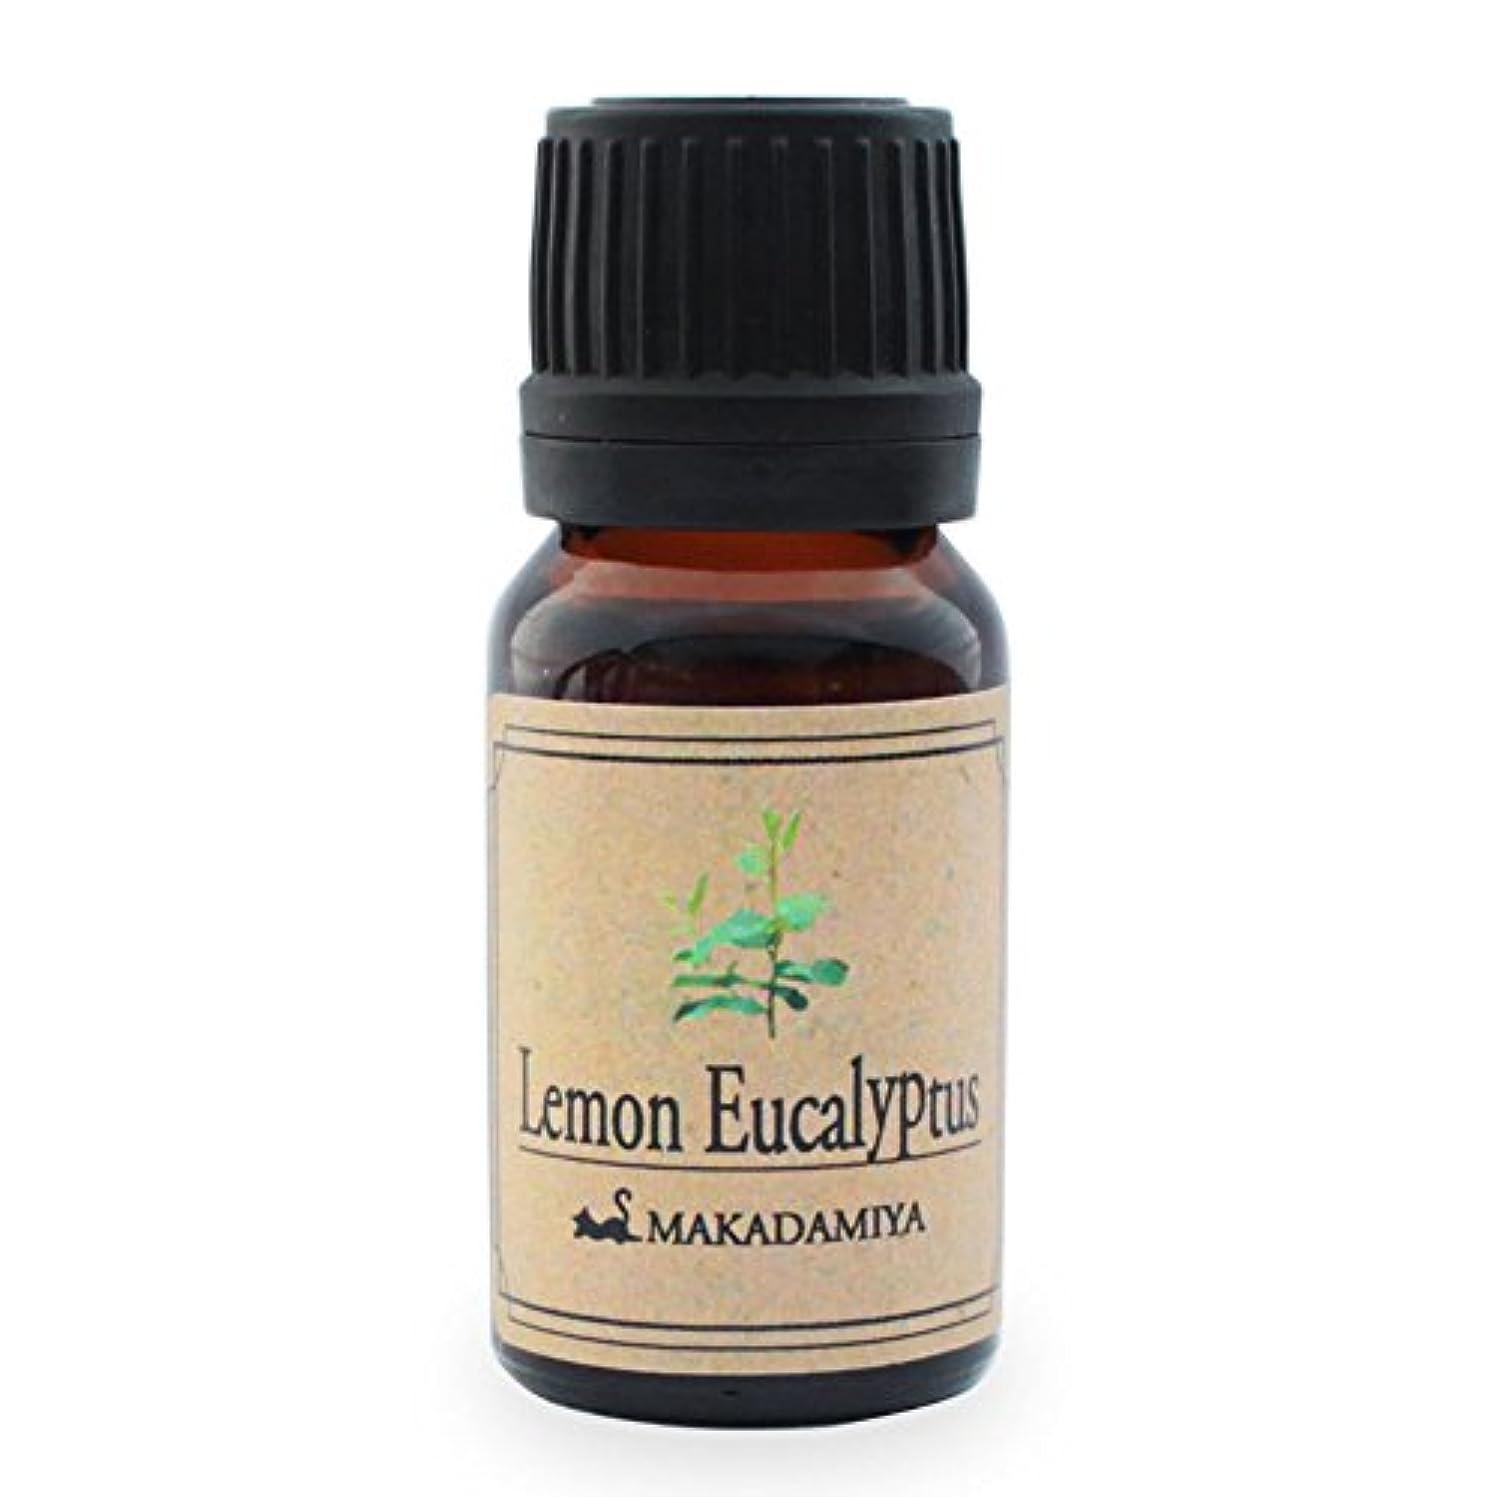 社会主義者事業内容個人的なレモンユーカリ10ml 天然100%植物性 エッセンシャルオイル(精油) アロマオイル アロママッサージ aroma Eucalyptus Citriodora